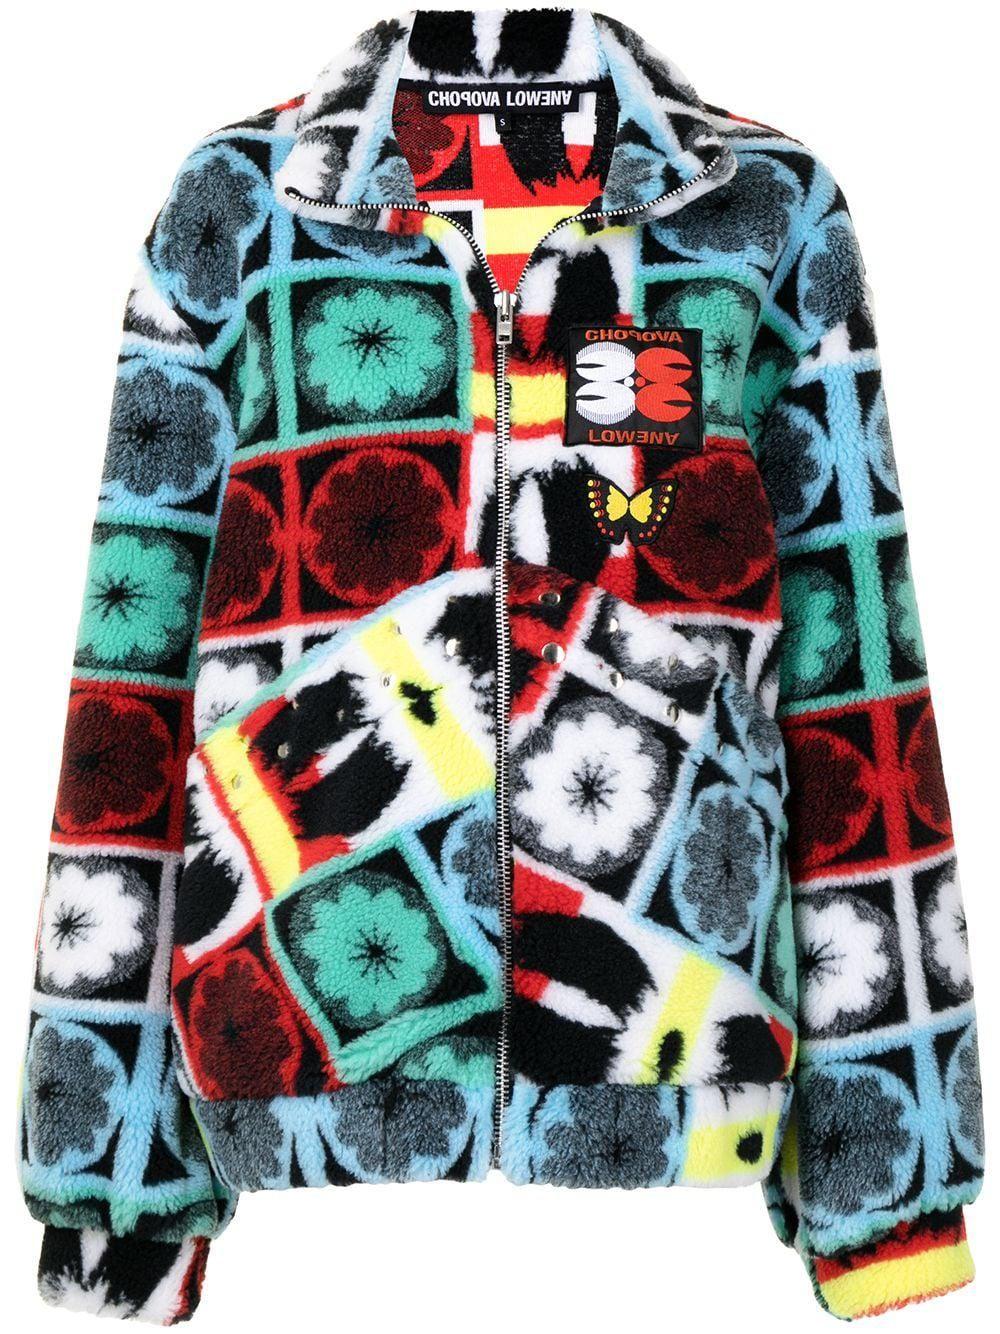 Petzi Oversize Recycled High-pile Fleece Jacket